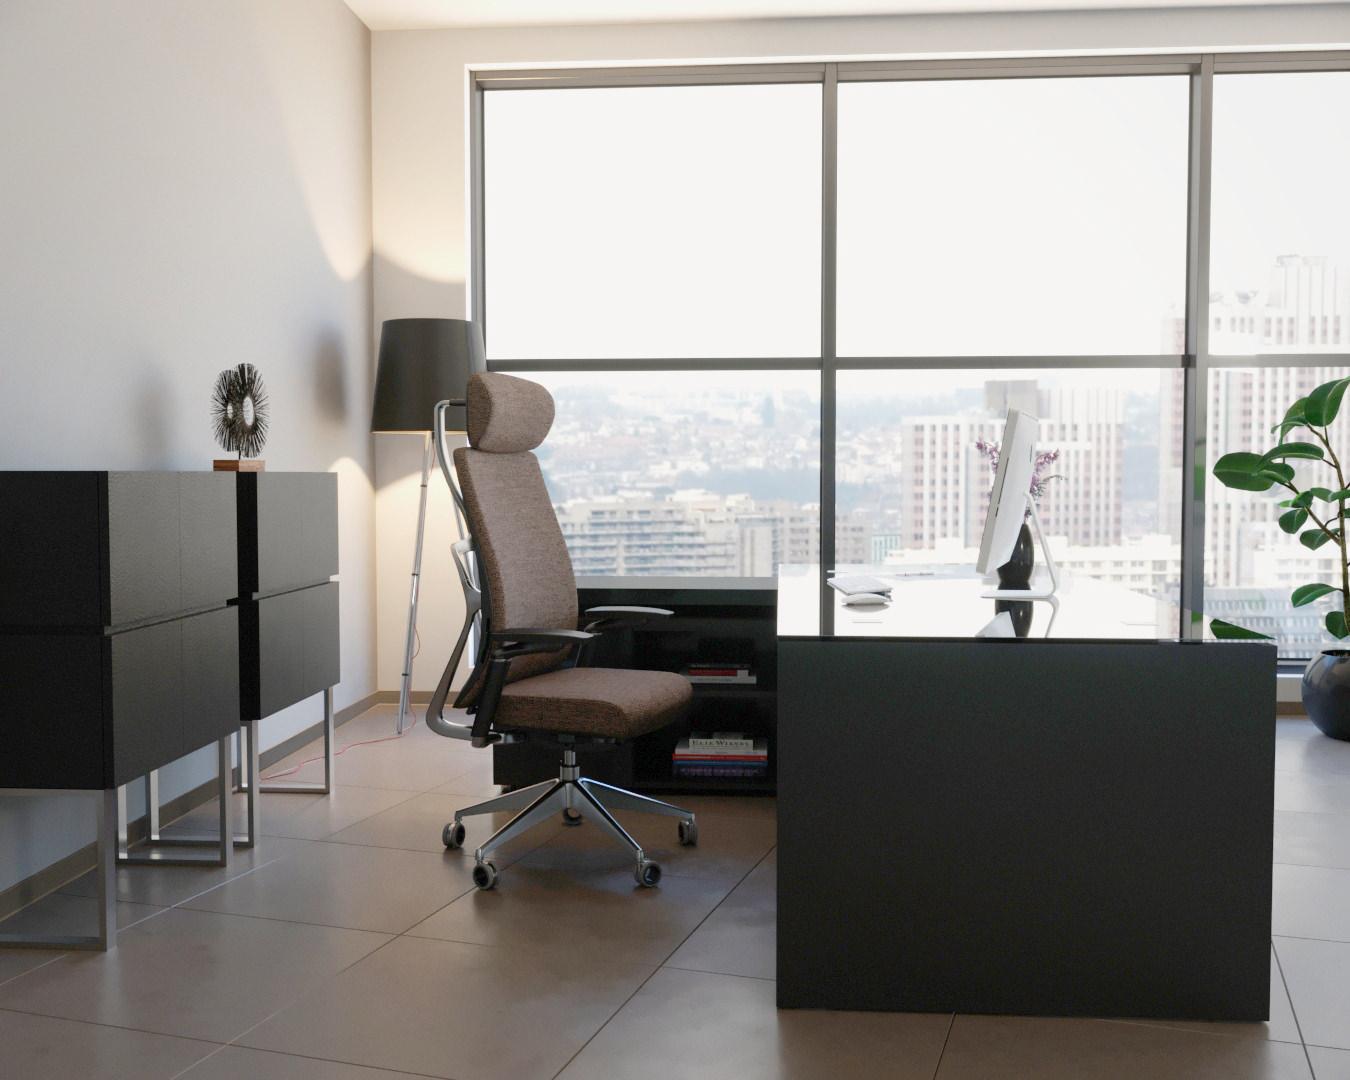 mise en ambiance d'un fauteuil et mobilier de bureau réalisé par un prestataire de visuel 3Dréalisé